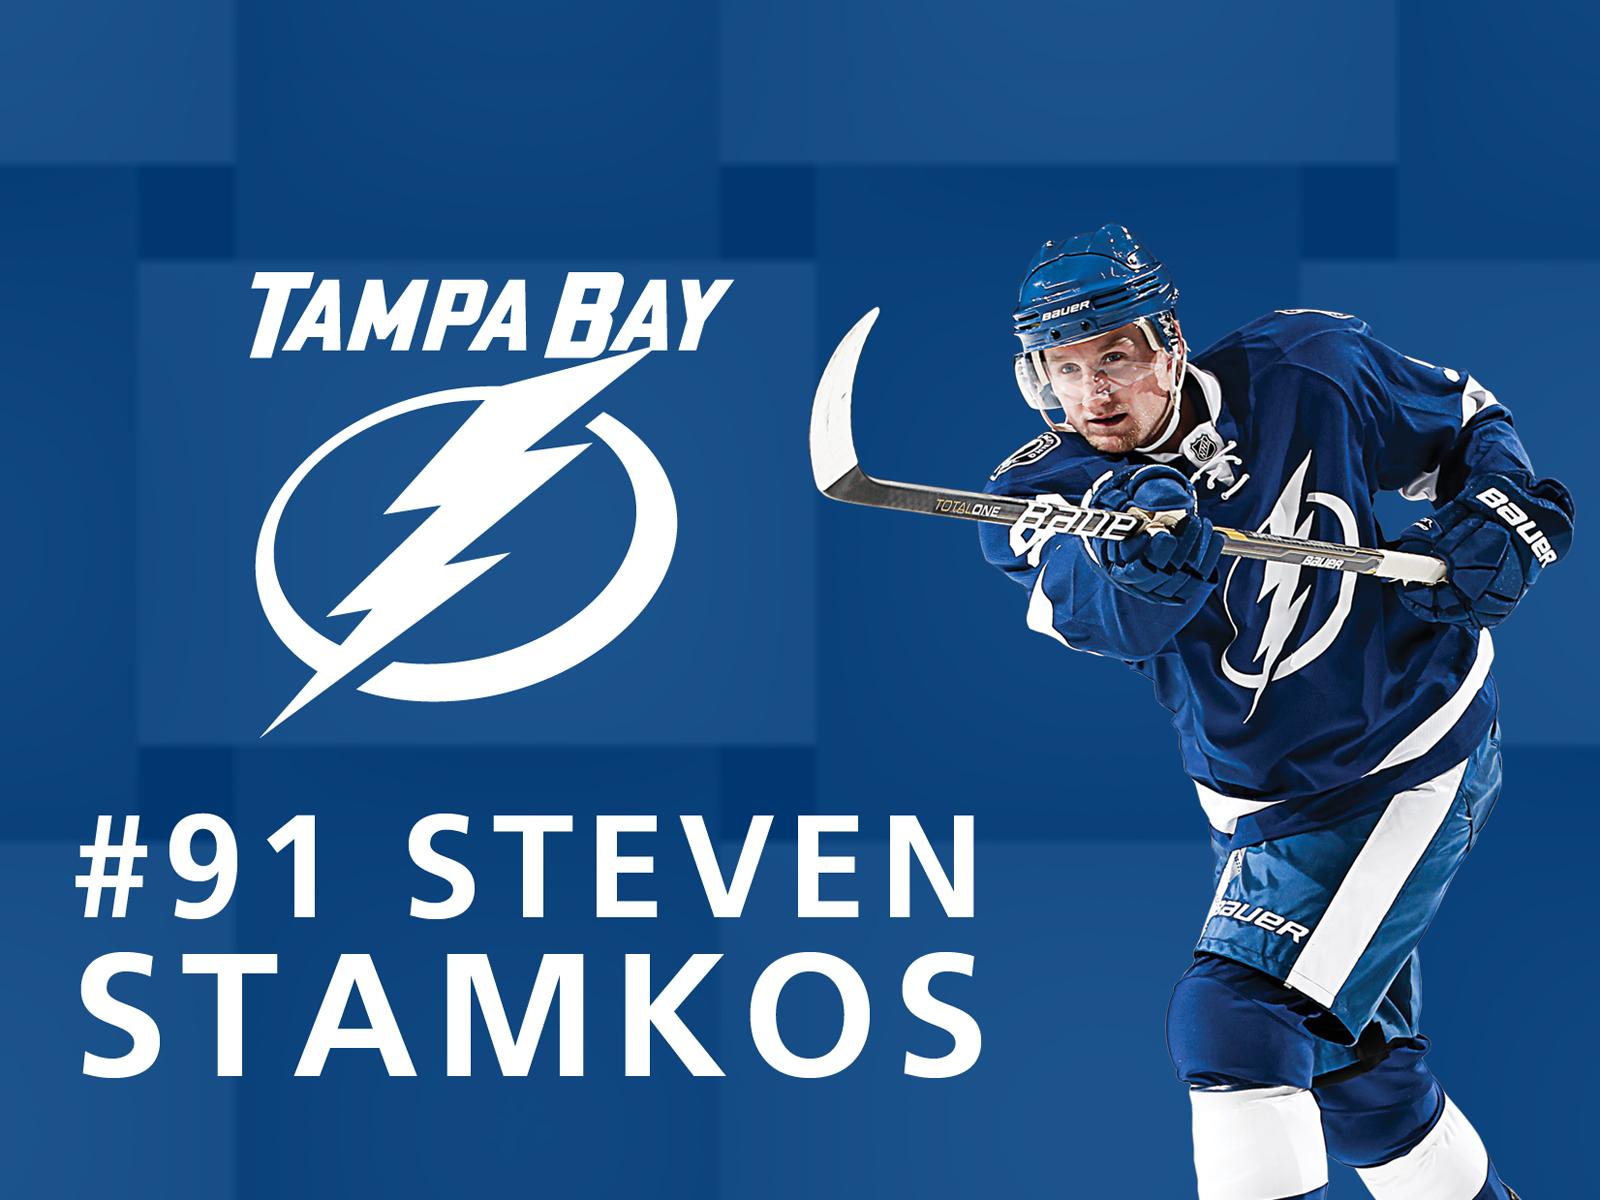 Steven Stamkos Tampa Bay Lightning Wallpaper 172614 HD Wallpaper Res 1600x1200